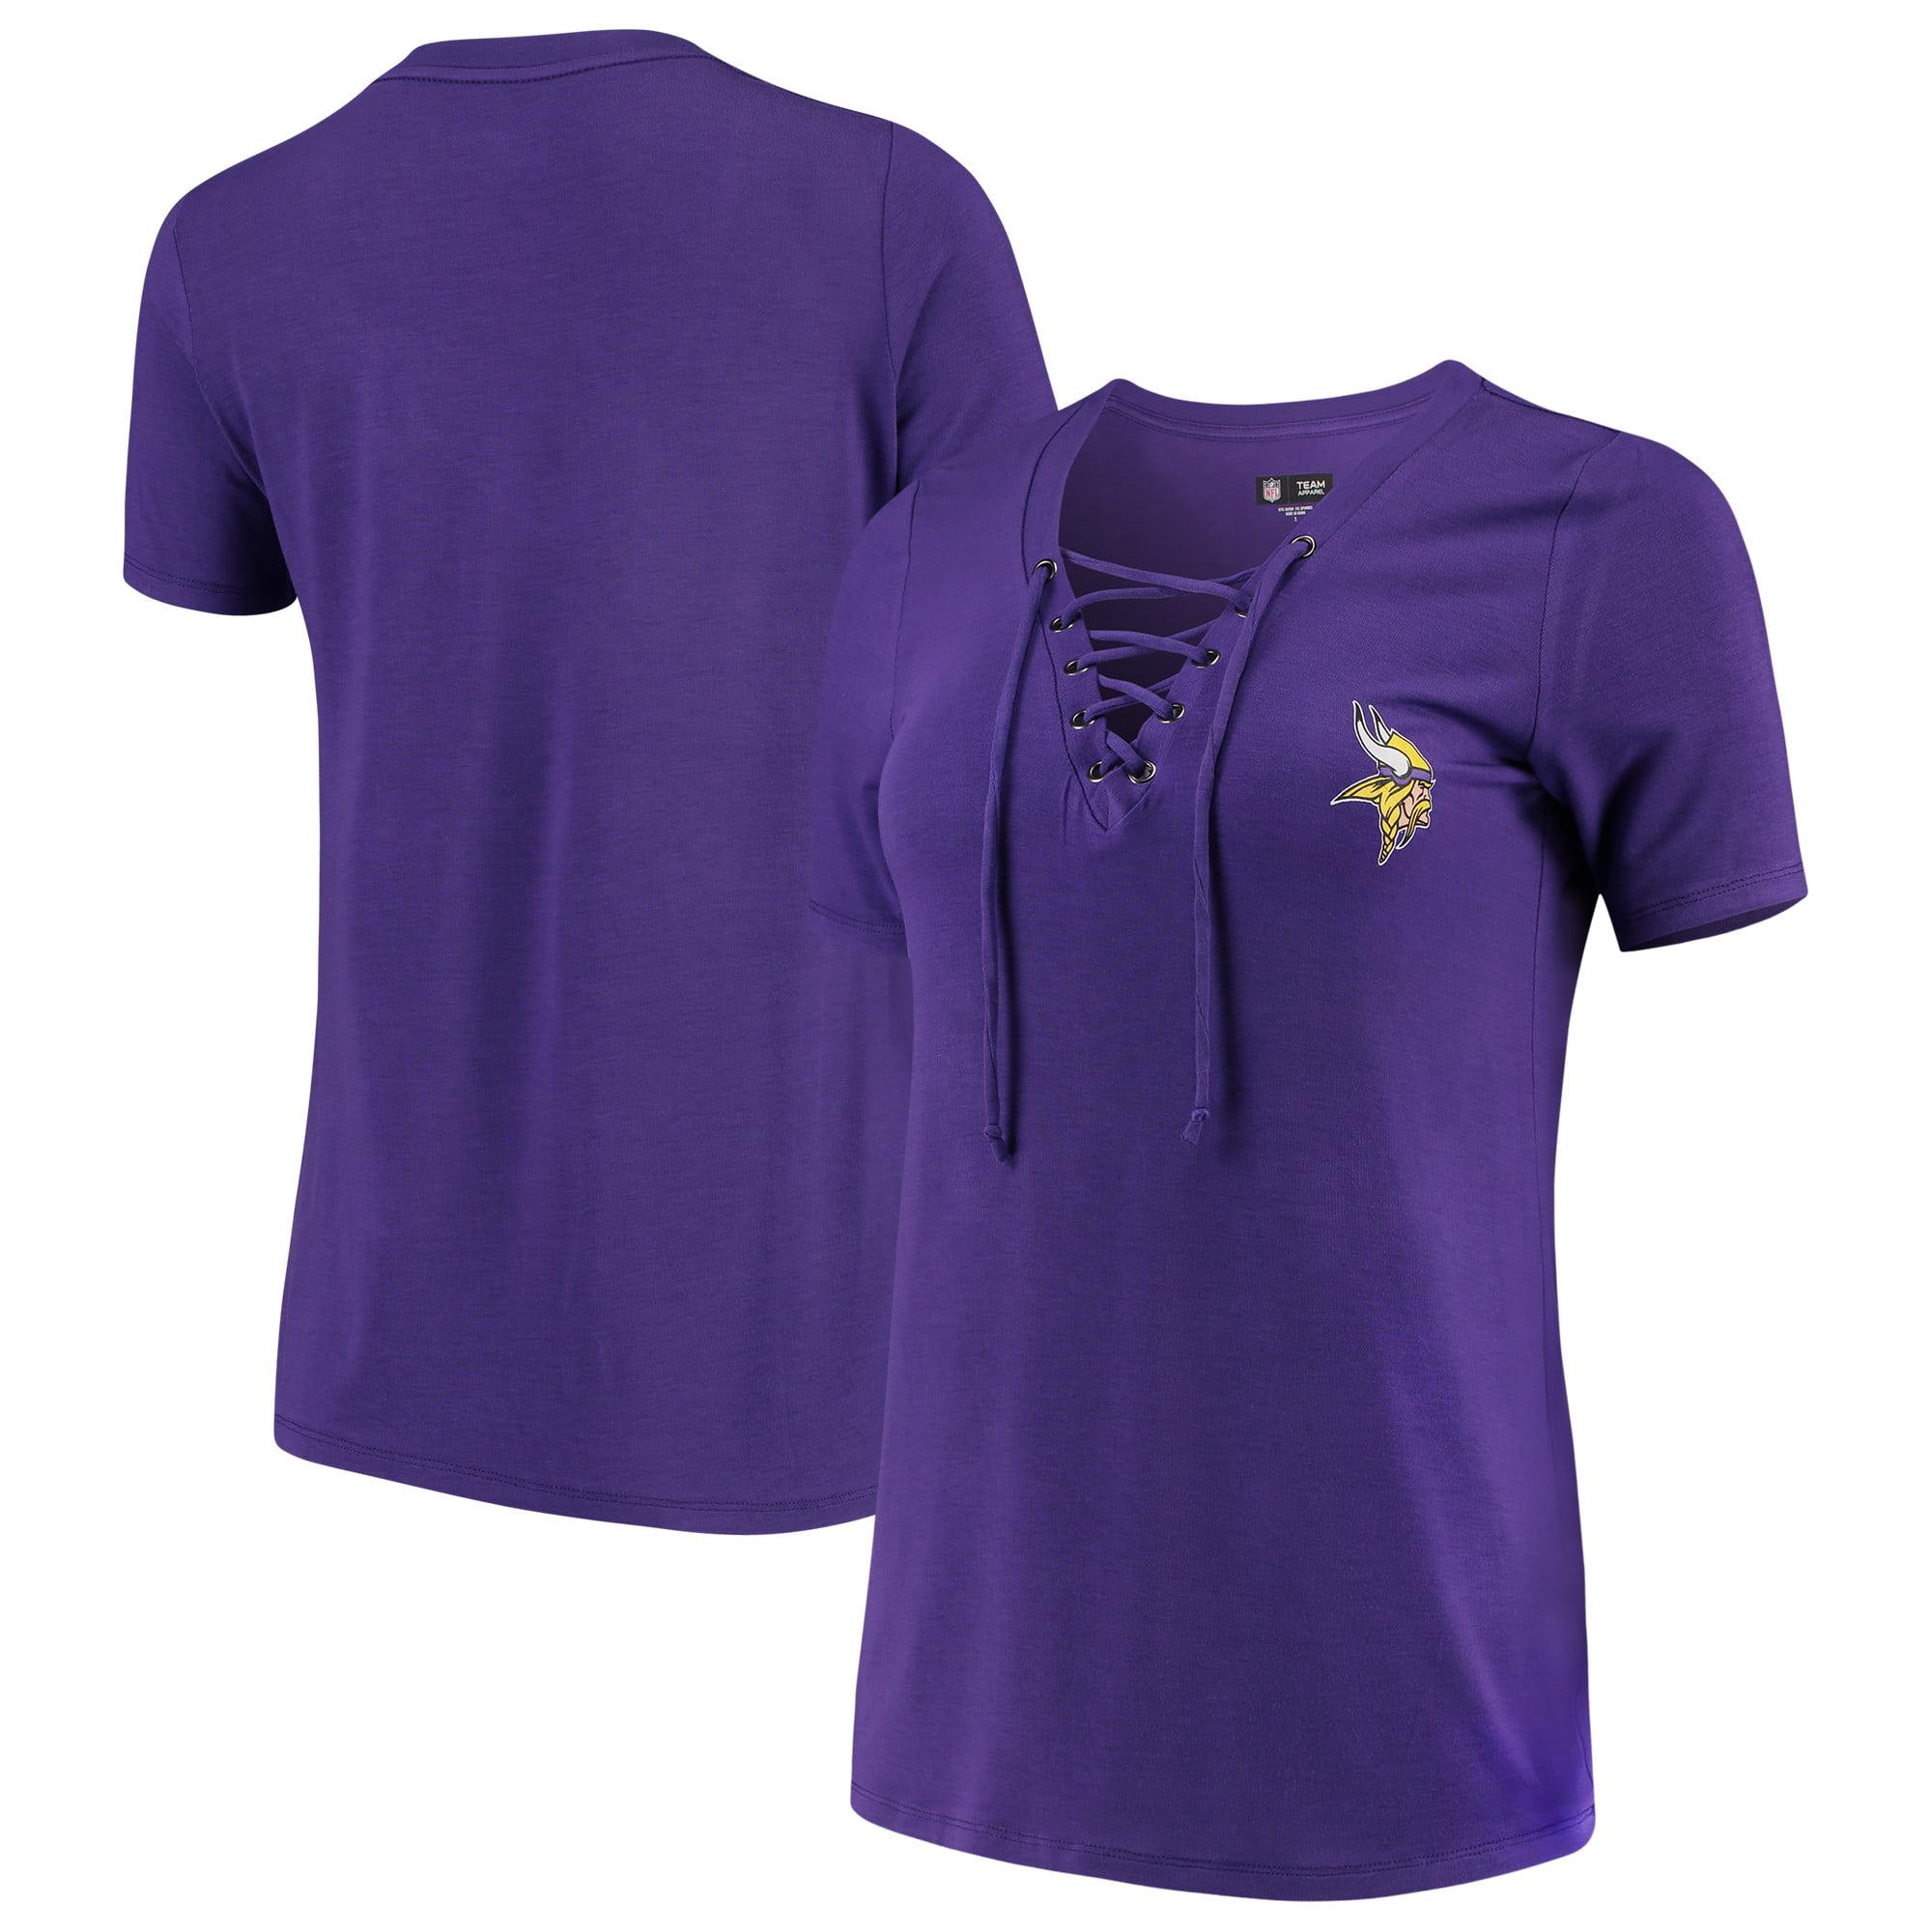 Minnesota Vikings New Era Women's Lace-Up V-Neck T-Shirt - Purple